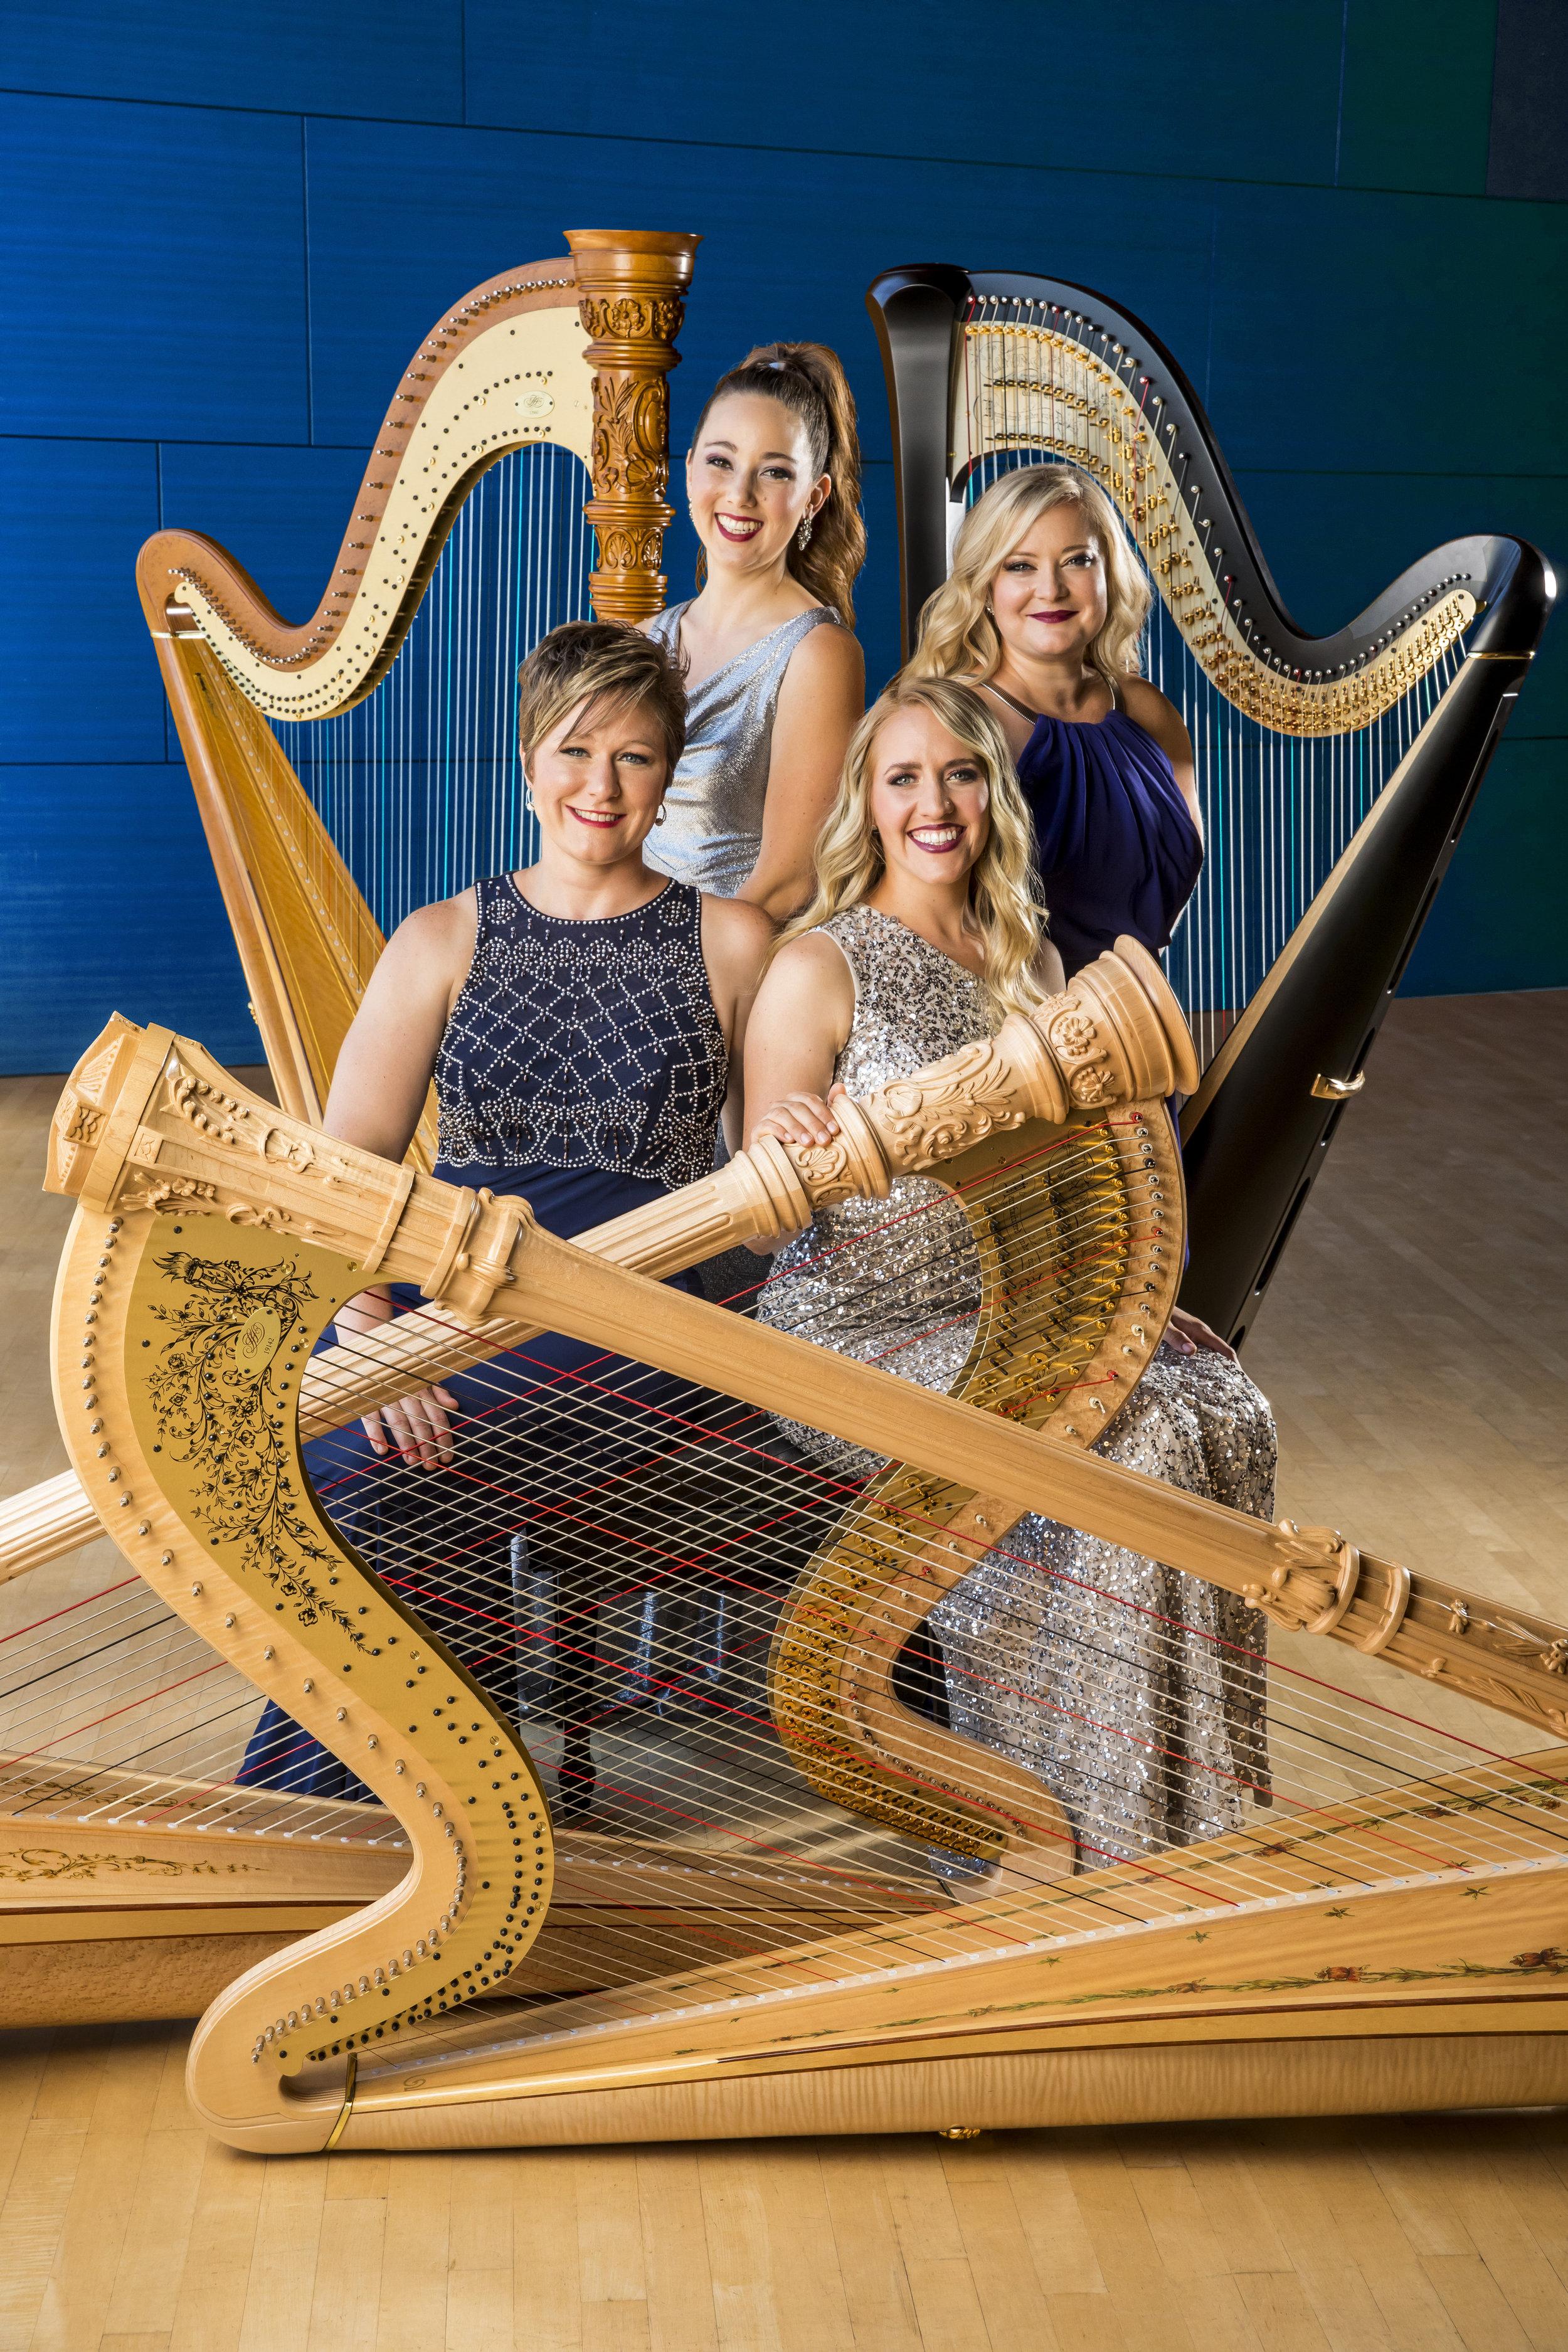 Left to right: Julie Spring, Catherine Litaker, Emily Granger, Marguerite Lynn Williams (photo by Todd Rosenberg)